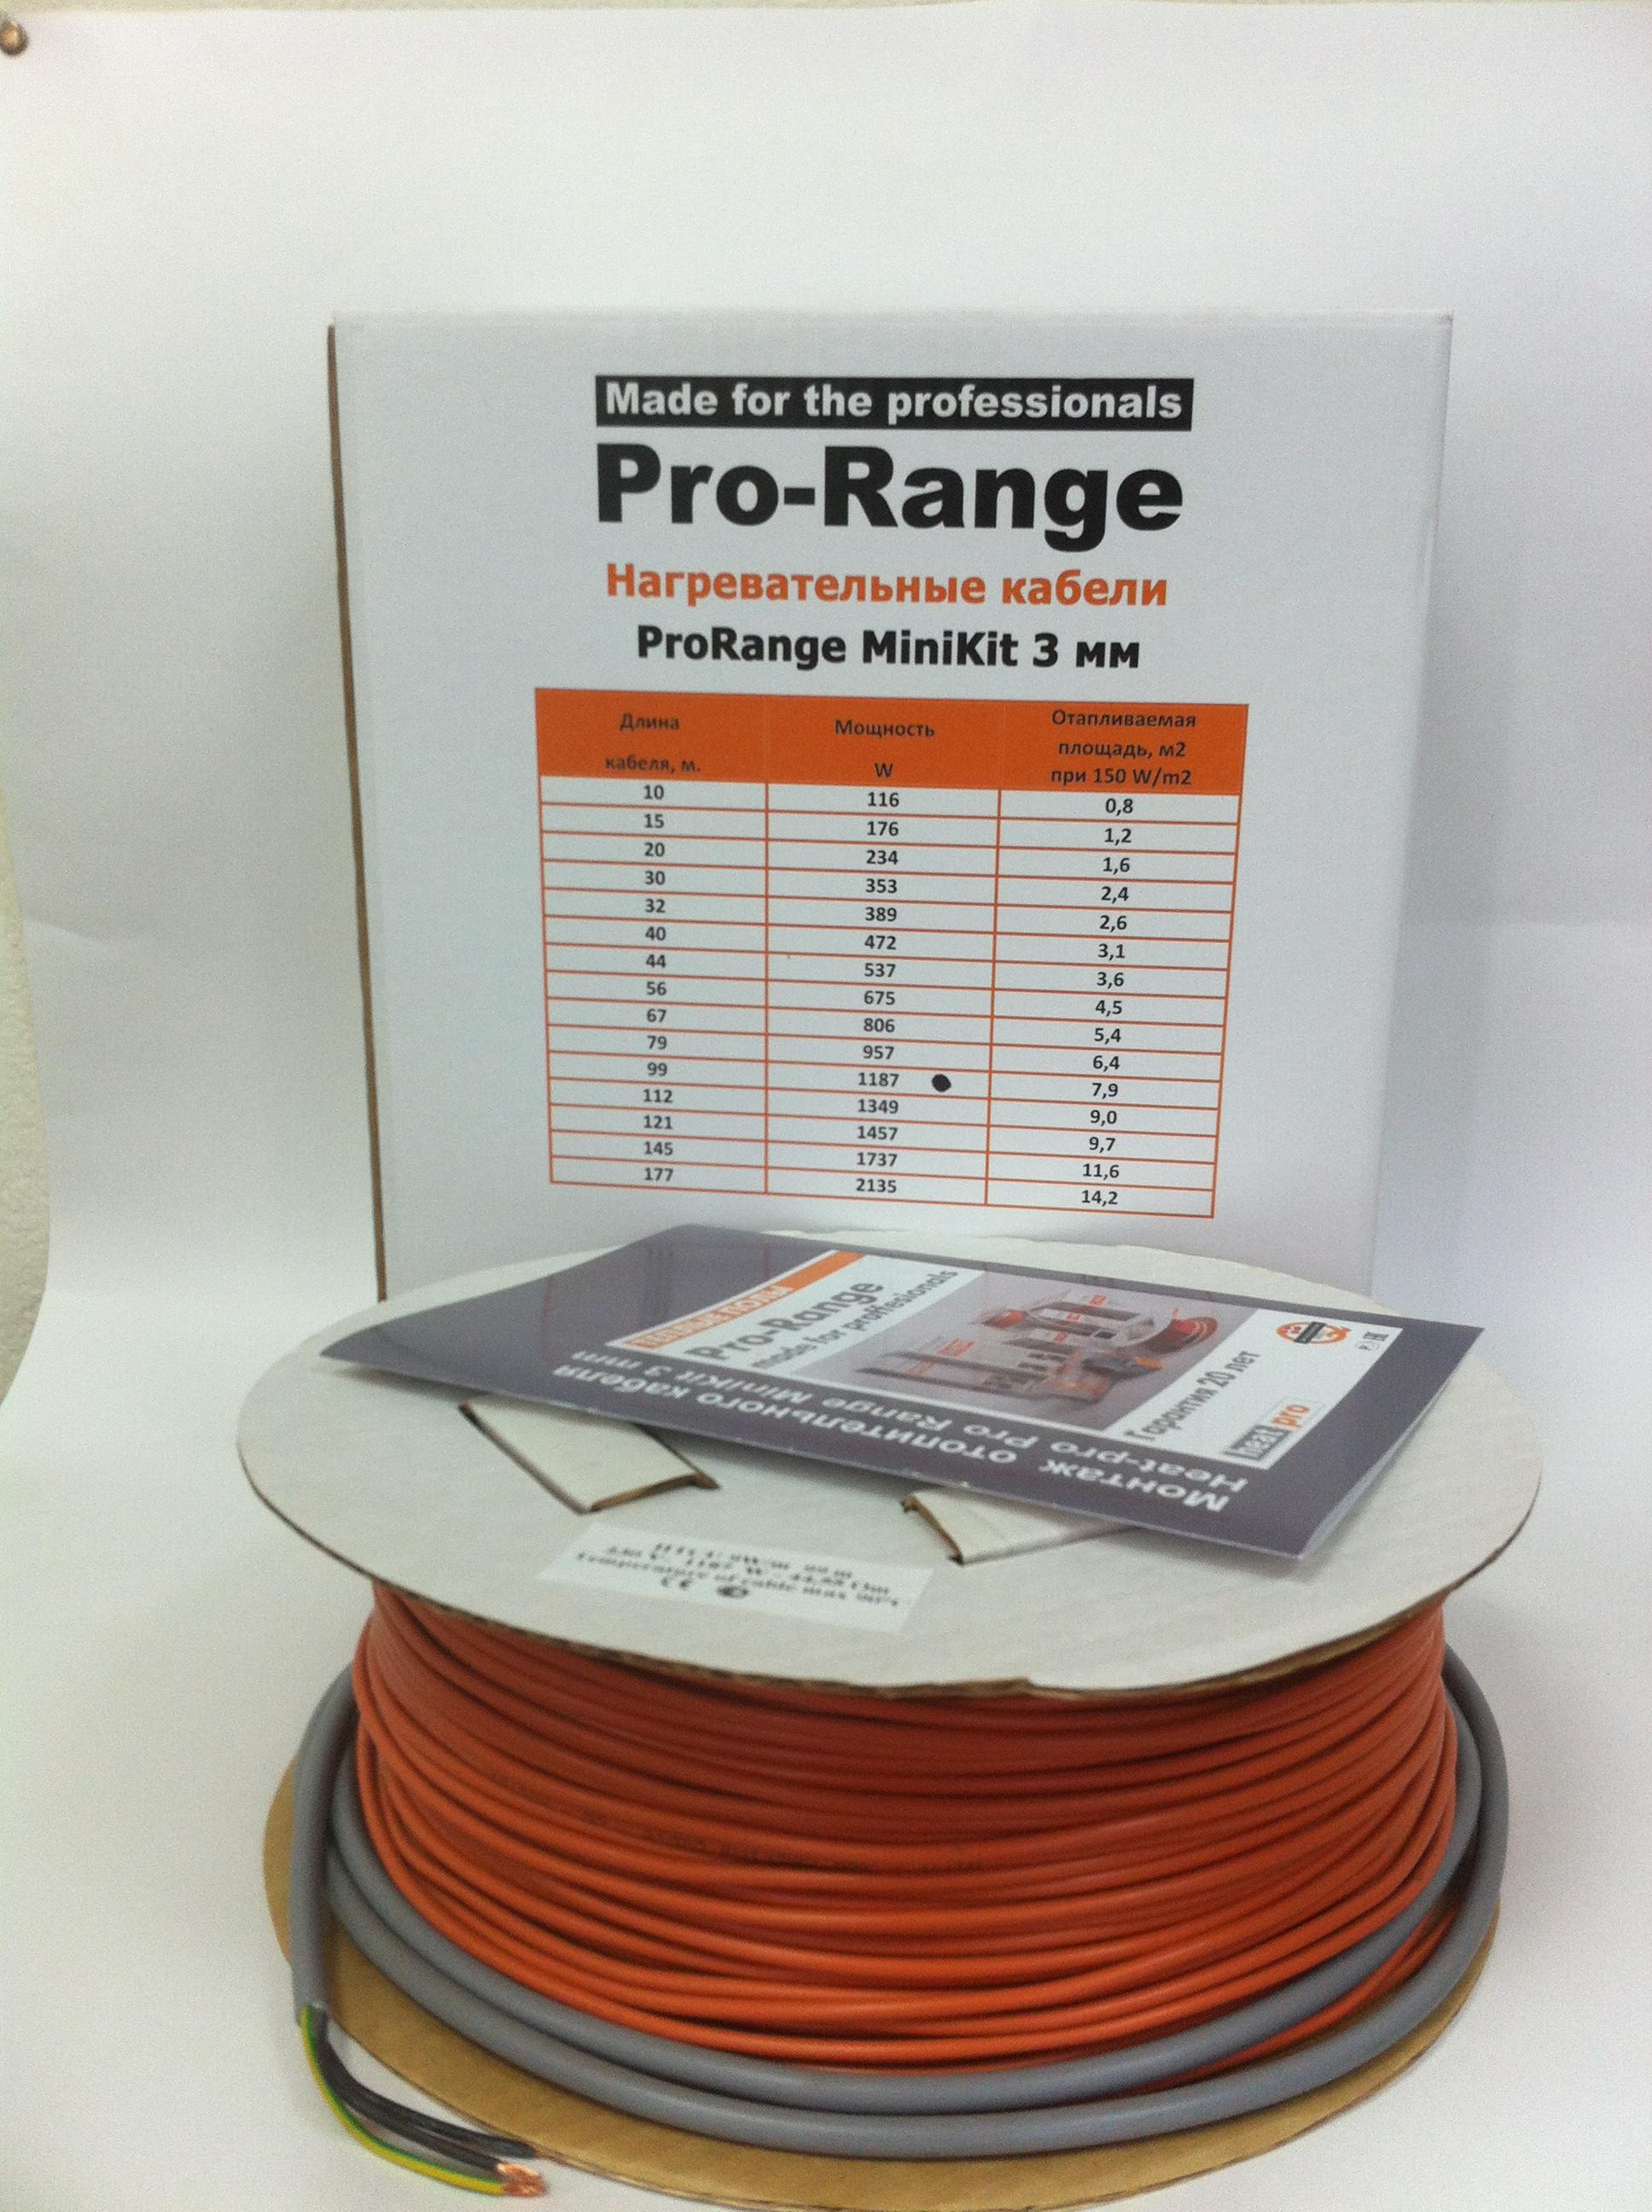 Теплый пол Heat-pro Prc-3.-0353 теплый пол теплолюкс profimat160 10 0